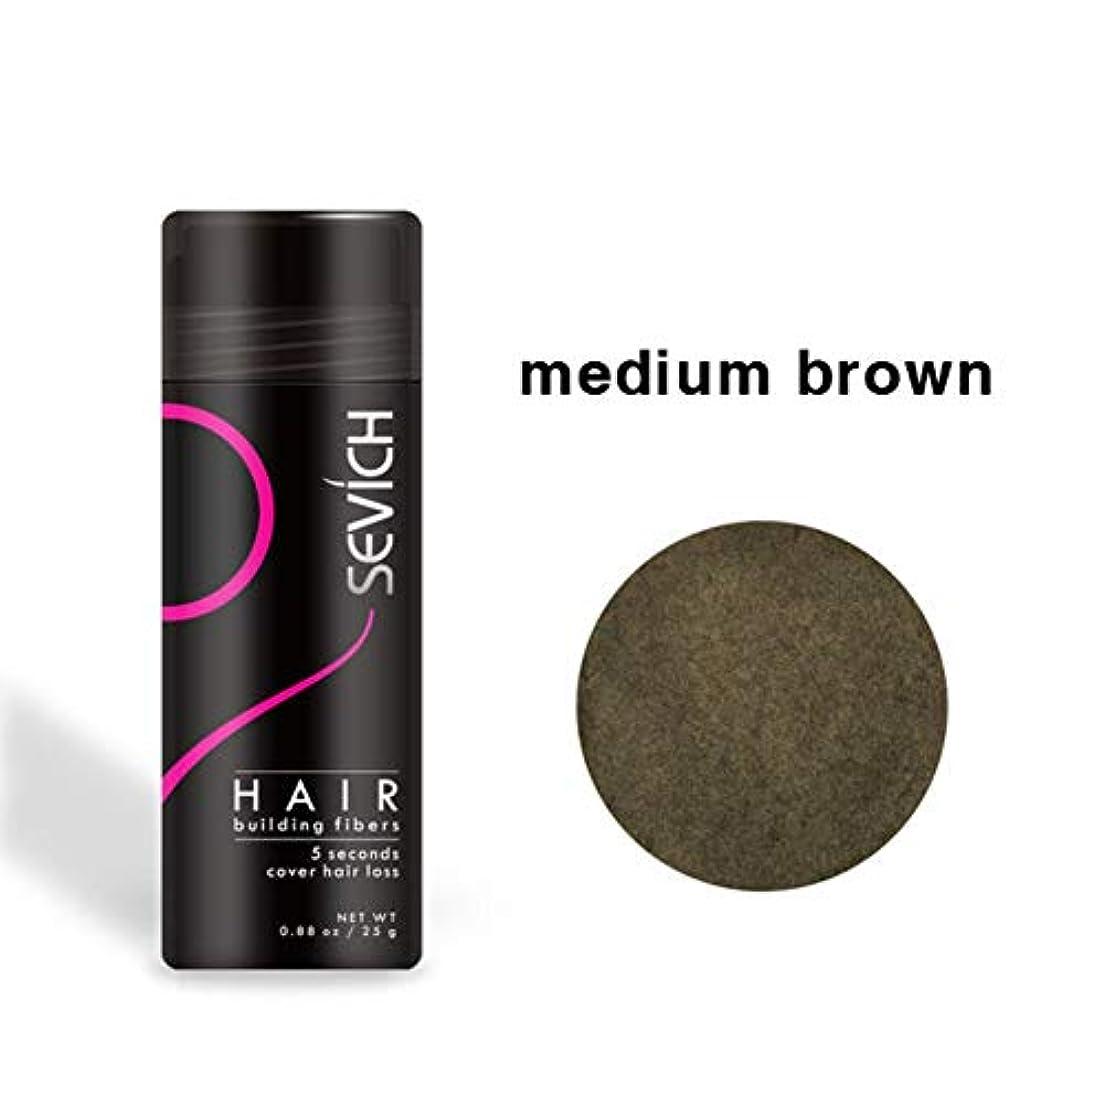 アシスタント合理化米ドルCutelove ヘアビルディングファイバー 薄毛隠し ダークブラウンヘアビルディングファイバー   ライトブラウンヘアービルディングファイバー ミディアムブラウンヘアービルディングファイバー ブロンドの髪を作る繊維 アプリケーター...